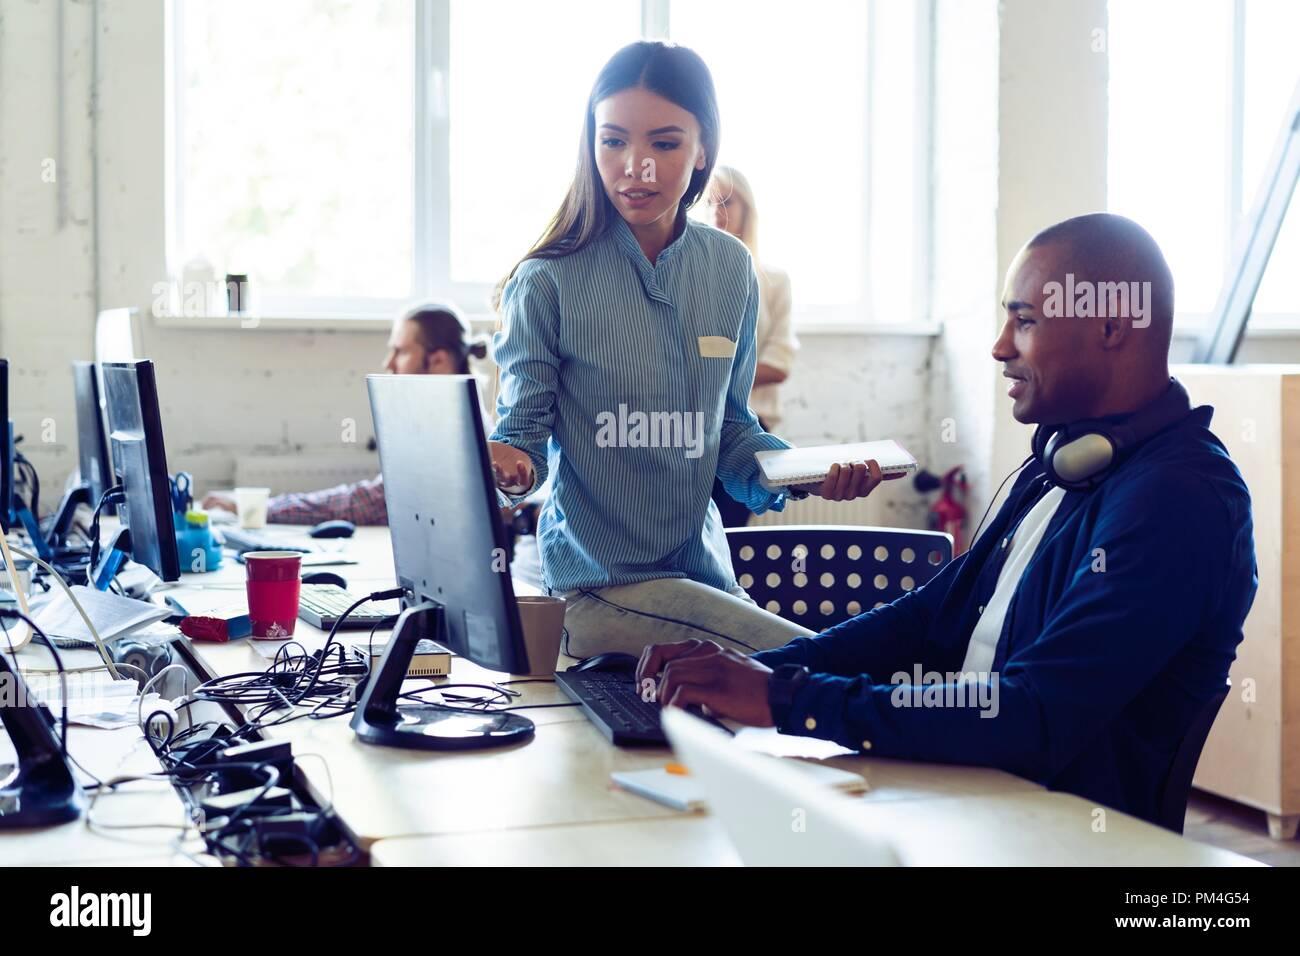 Dure journée de travail. Vue supérieure de jeunes gens modernes dans smart casual wear discuter affaires alors qu'il était assis dans le bureau de création. Photo Stock